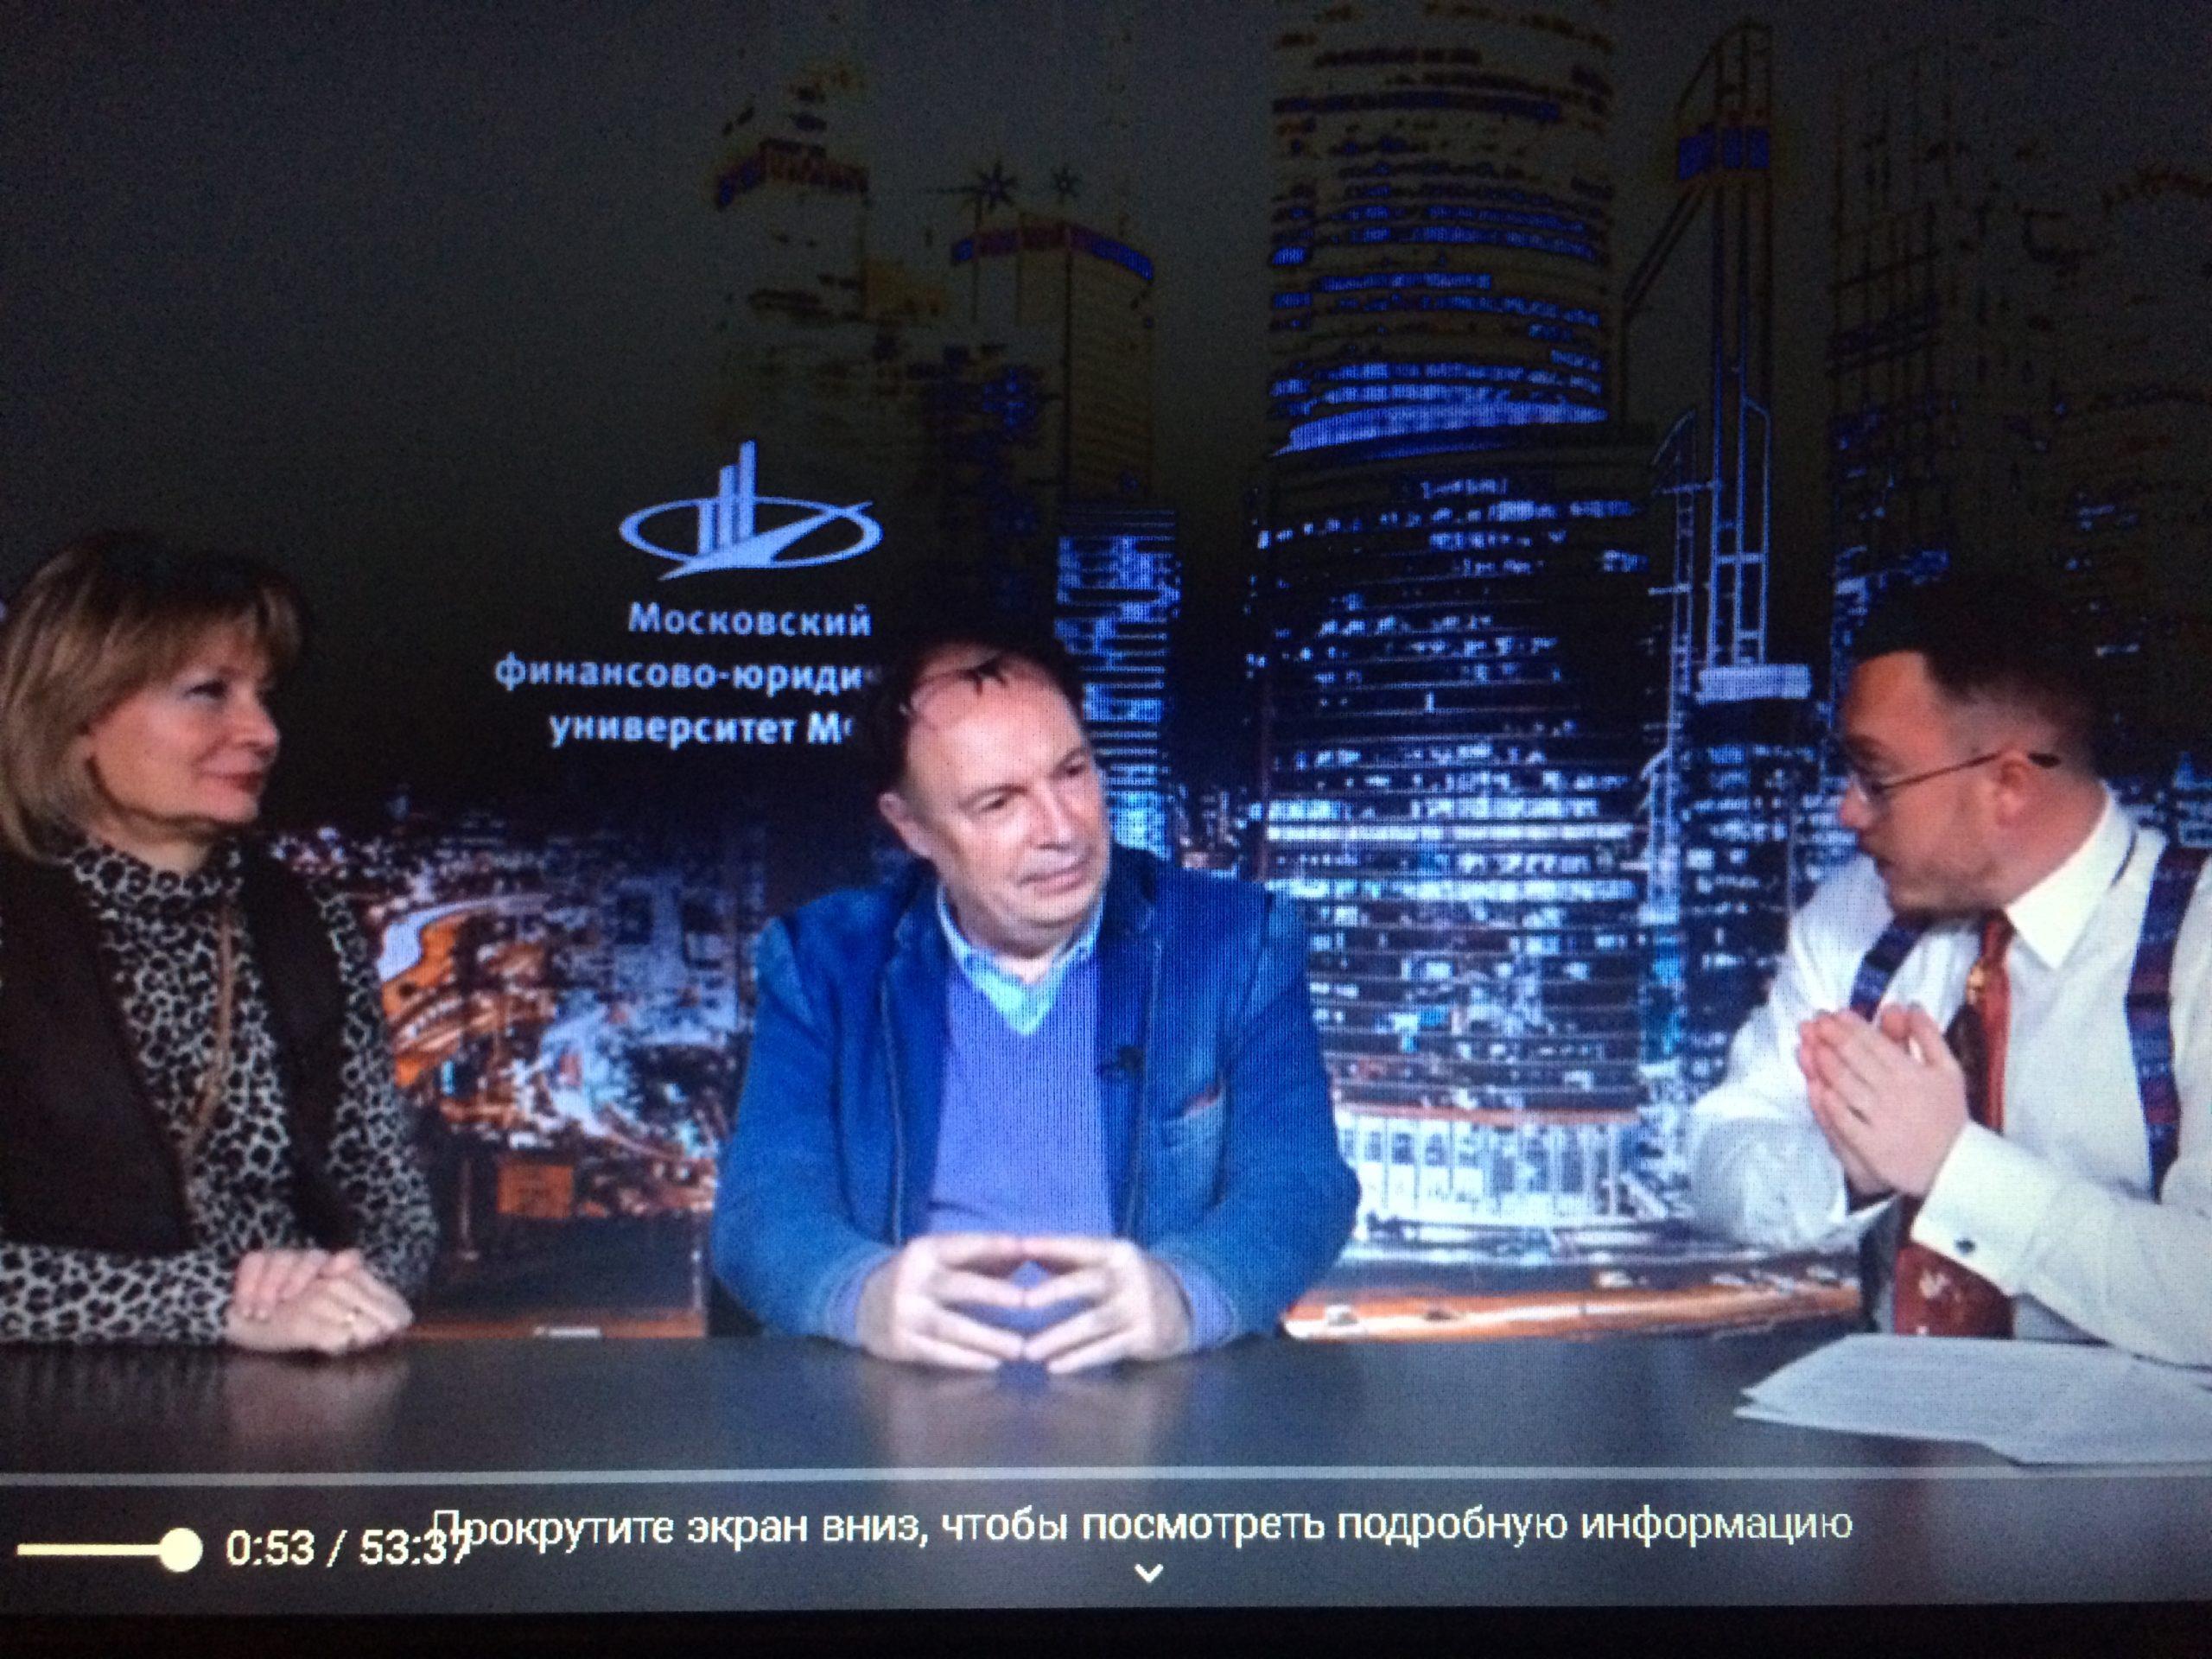 руководители Детского музыкального театра «Домисолька» в программе » Совет» с Андреем Алфёровым. Университет МФЮА